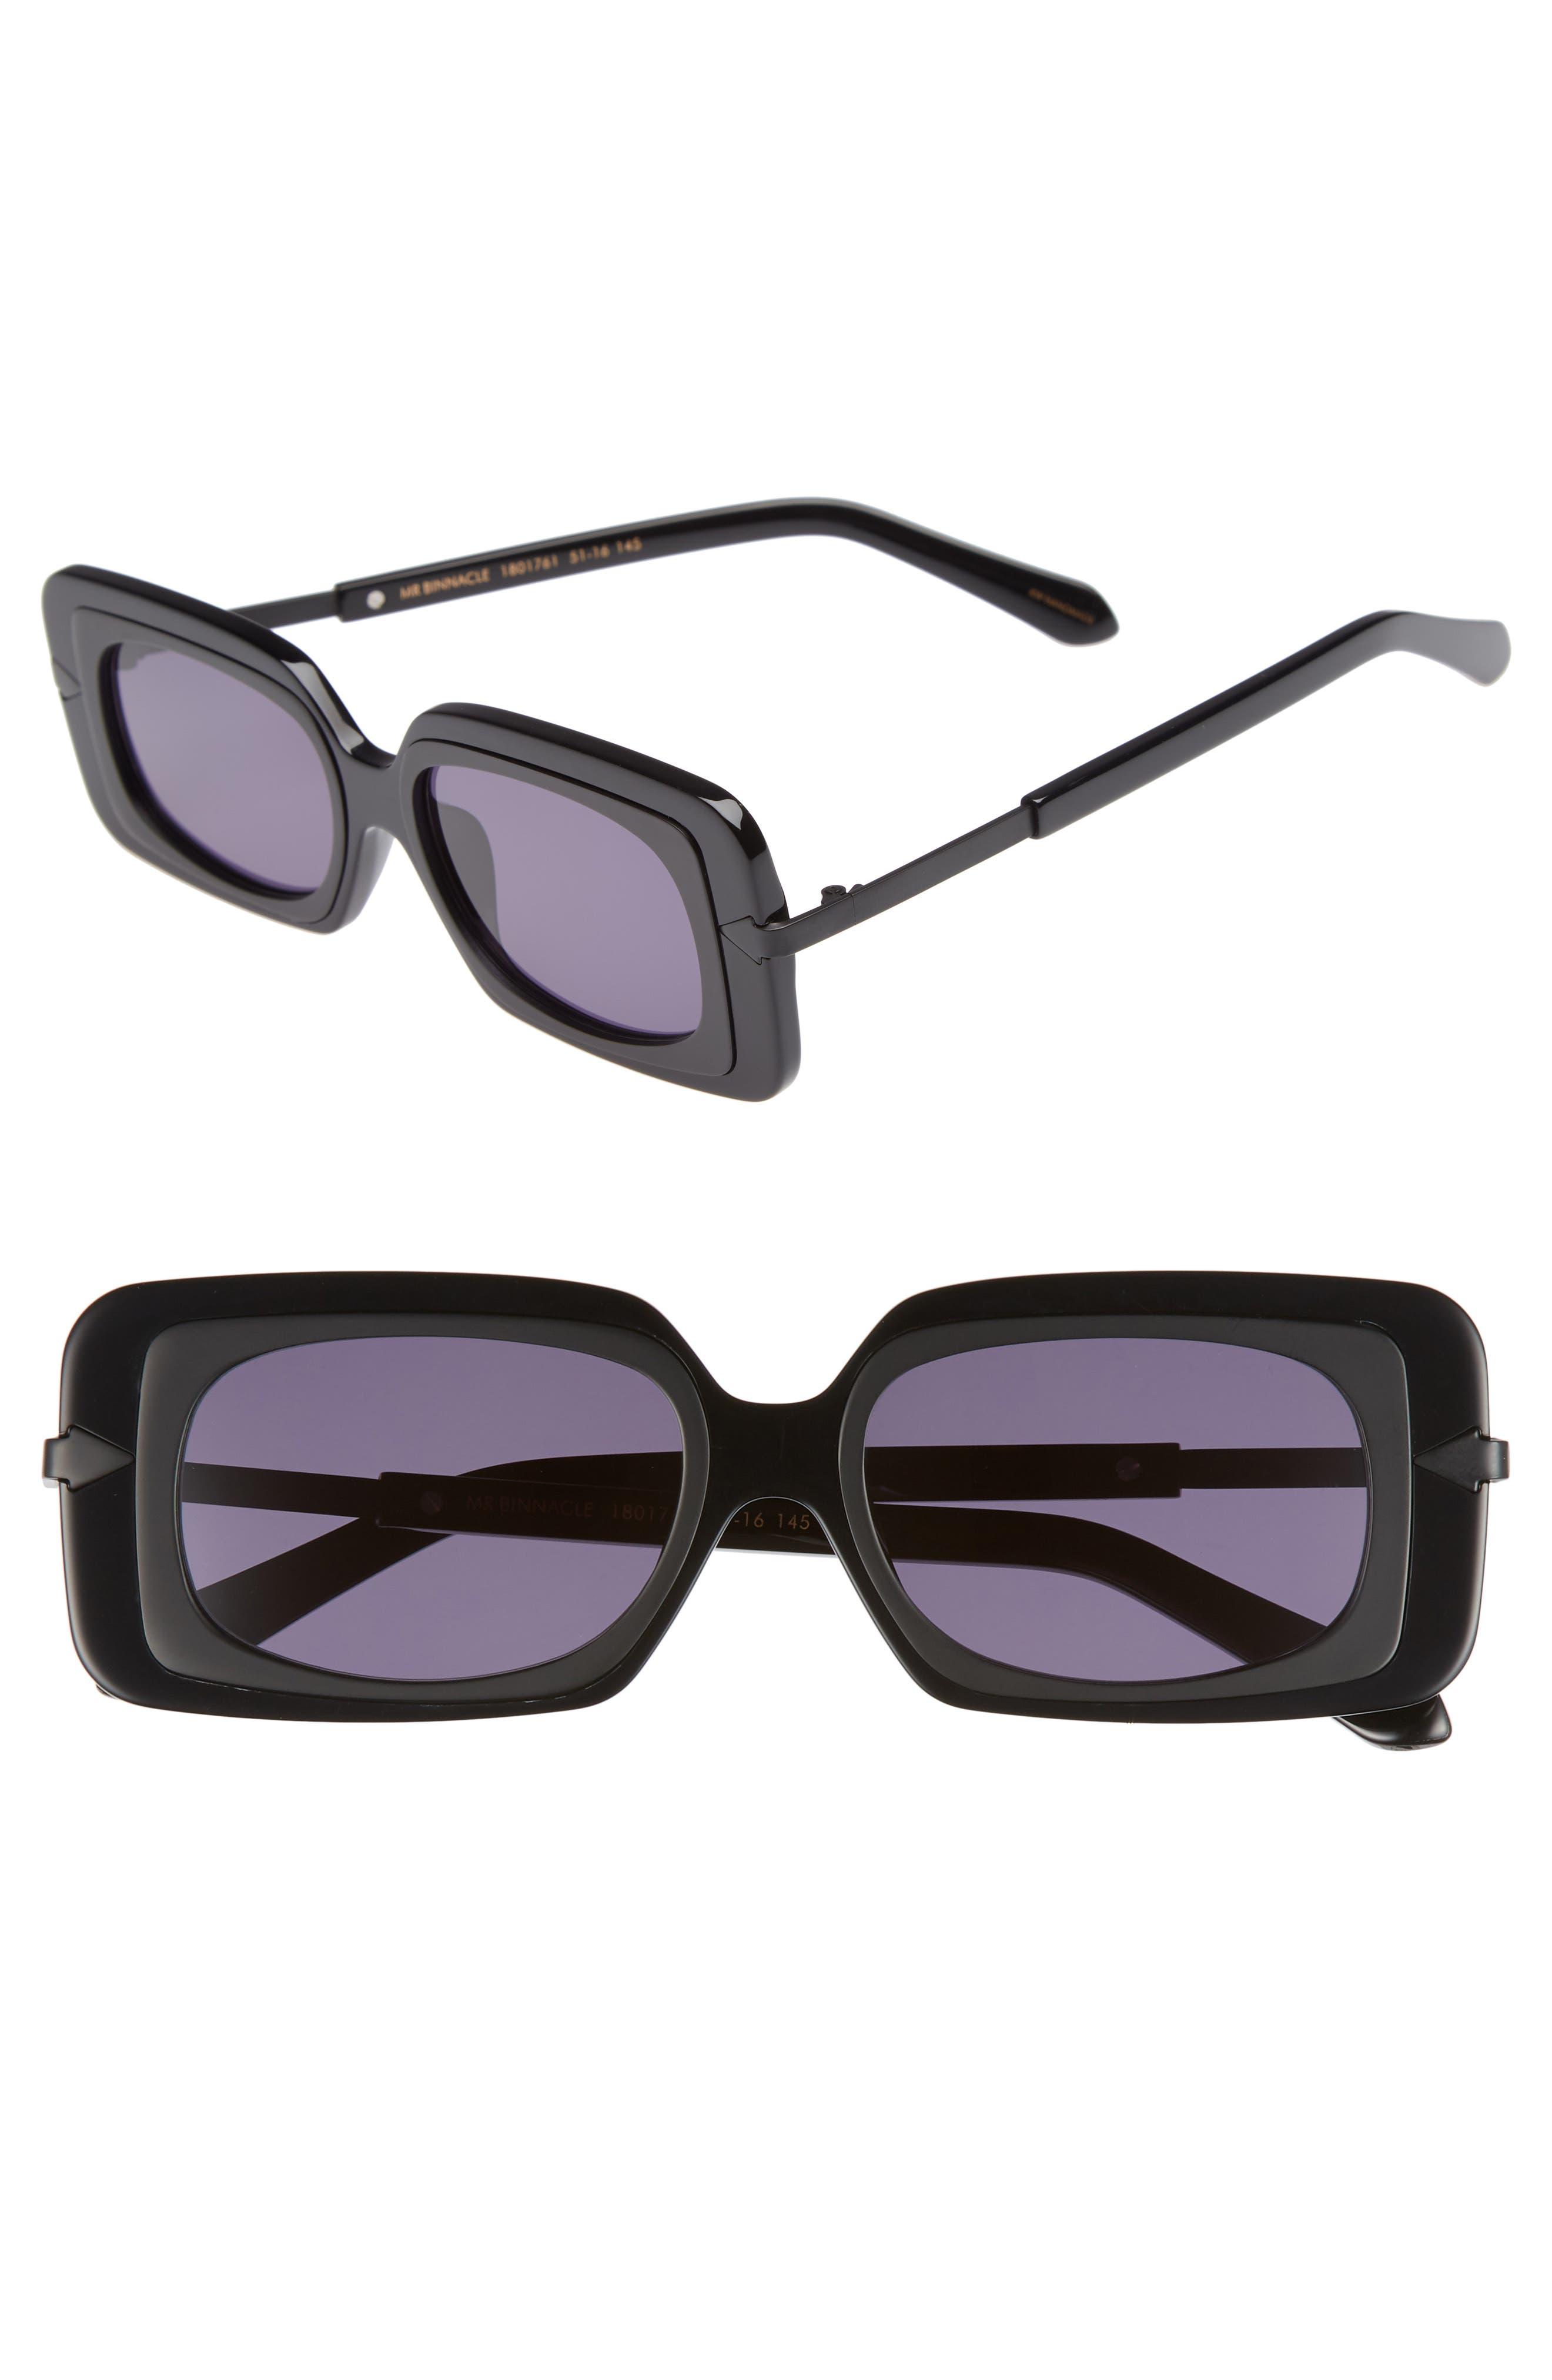 KAREN WALKER Mr. Binnacle 51mm Sunglasses, Main, color, 001